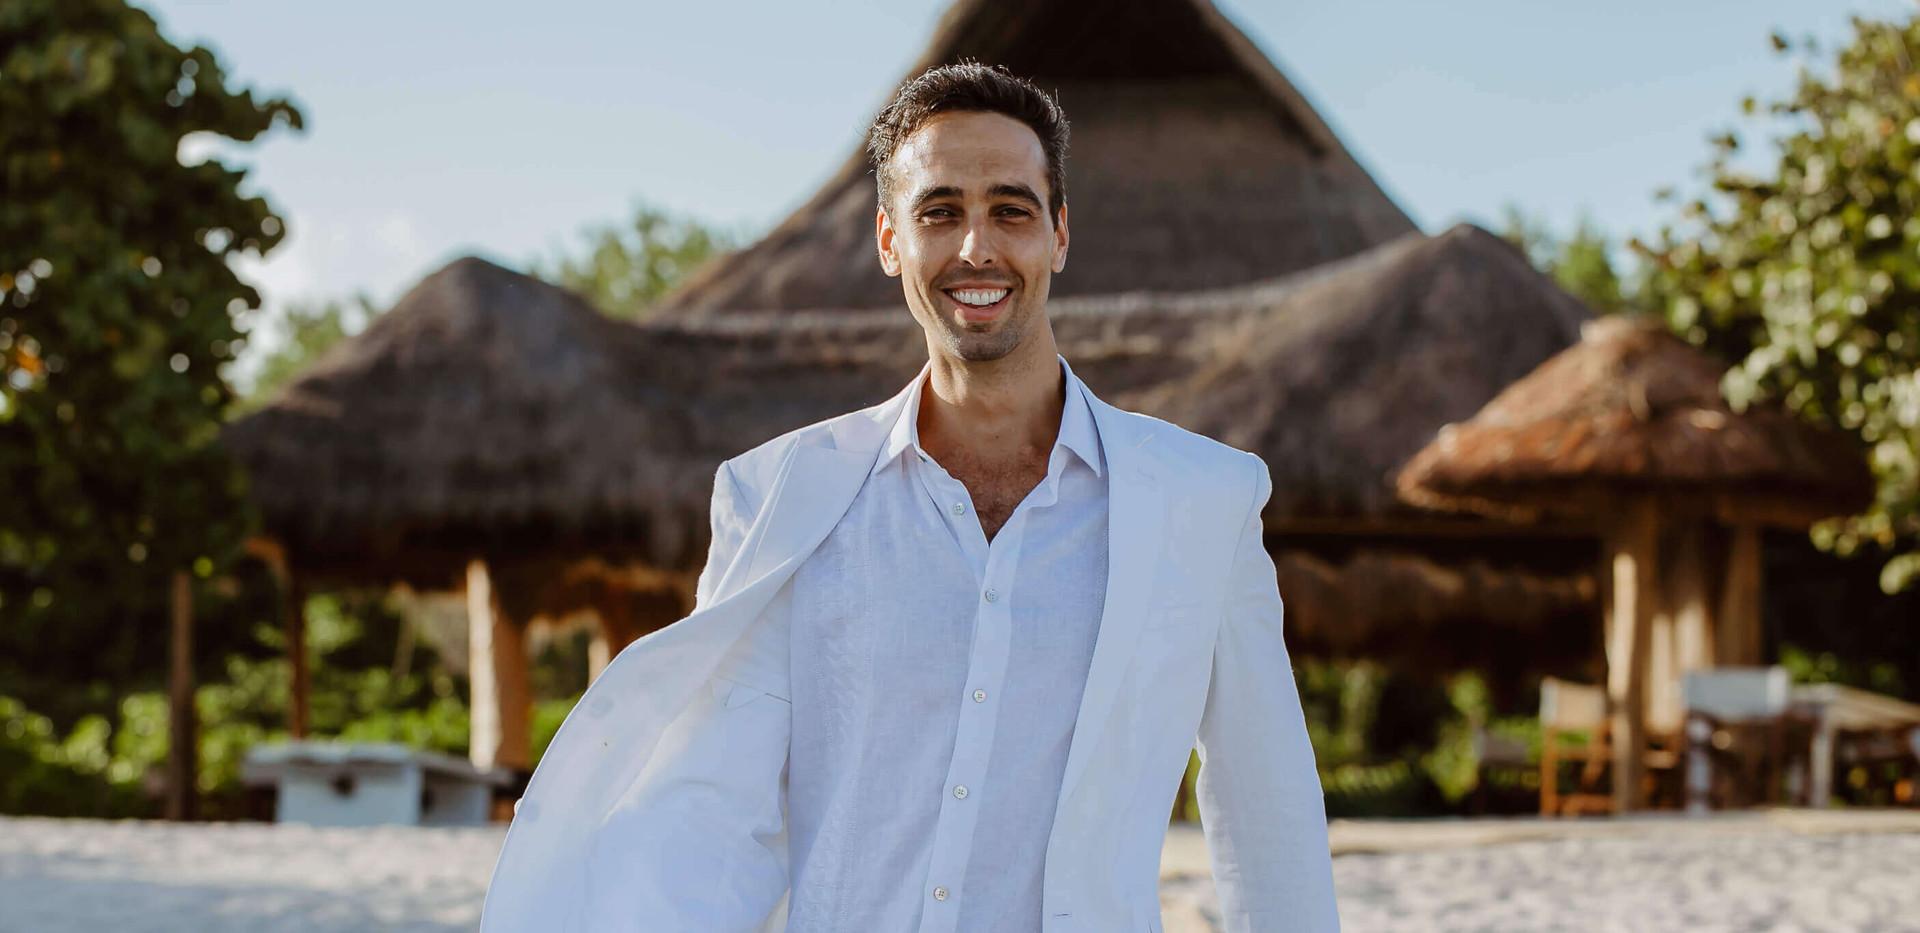 Gonzalo Wedding Photography_42.jpg